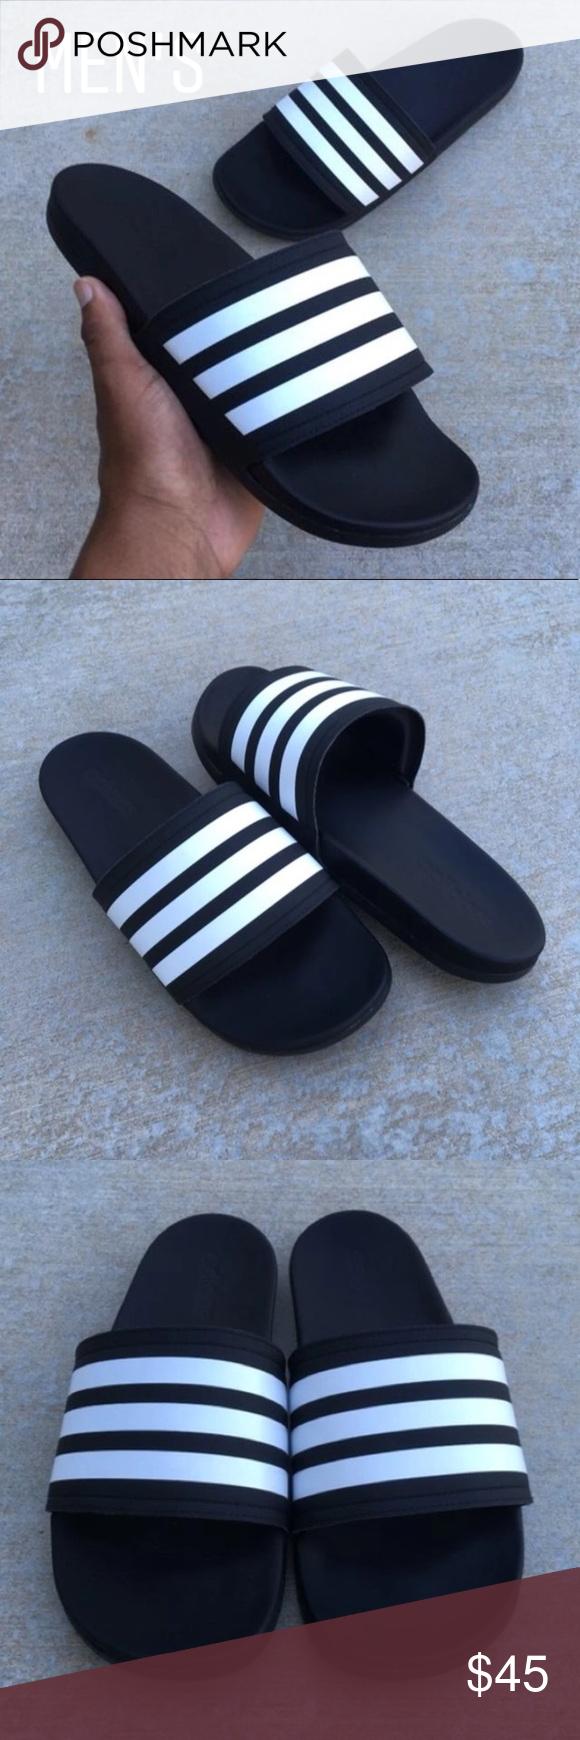 30092d750cb MENS BLK ADIDAS ADILETTE CLOUDFOAM STRIPES SLIDE Men Adidas Adilette  Comfort Cloud Foam Slides Sandal Black